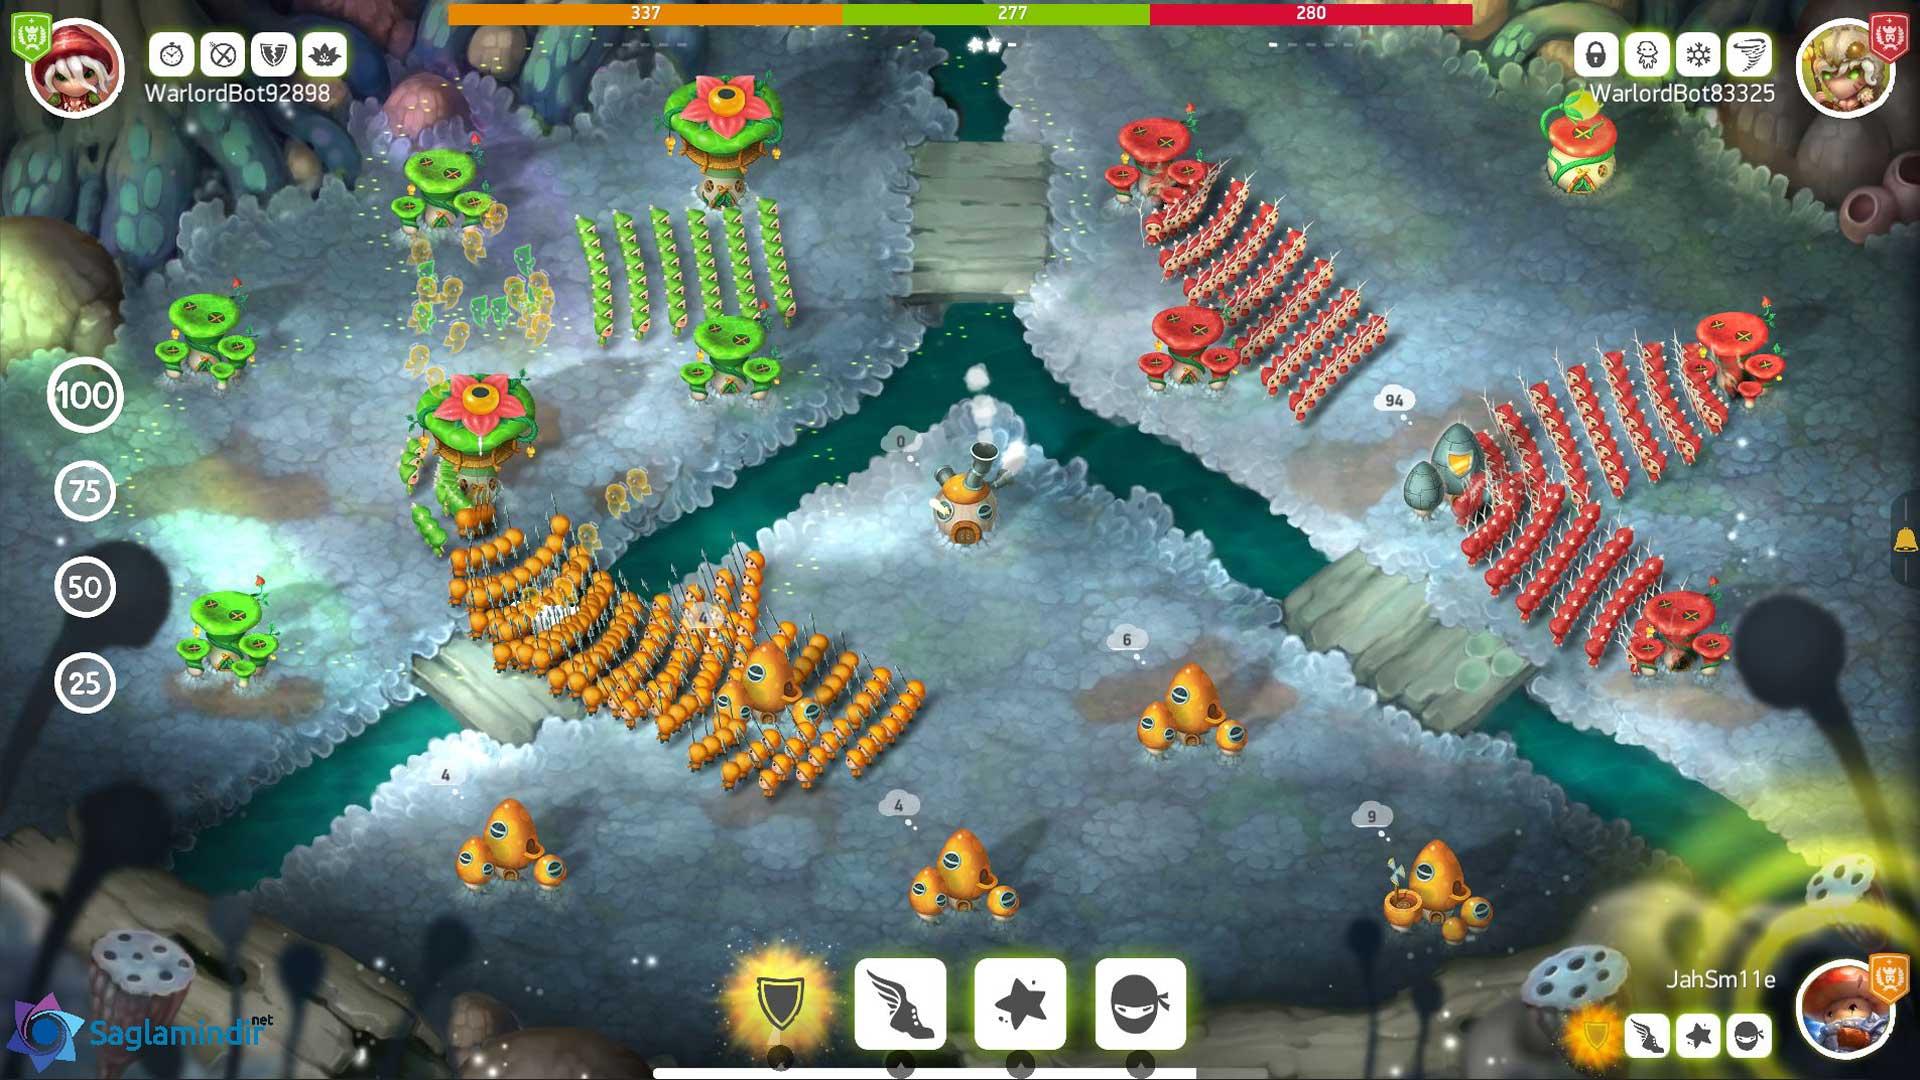 Mushroom Wars 2 saglamidir